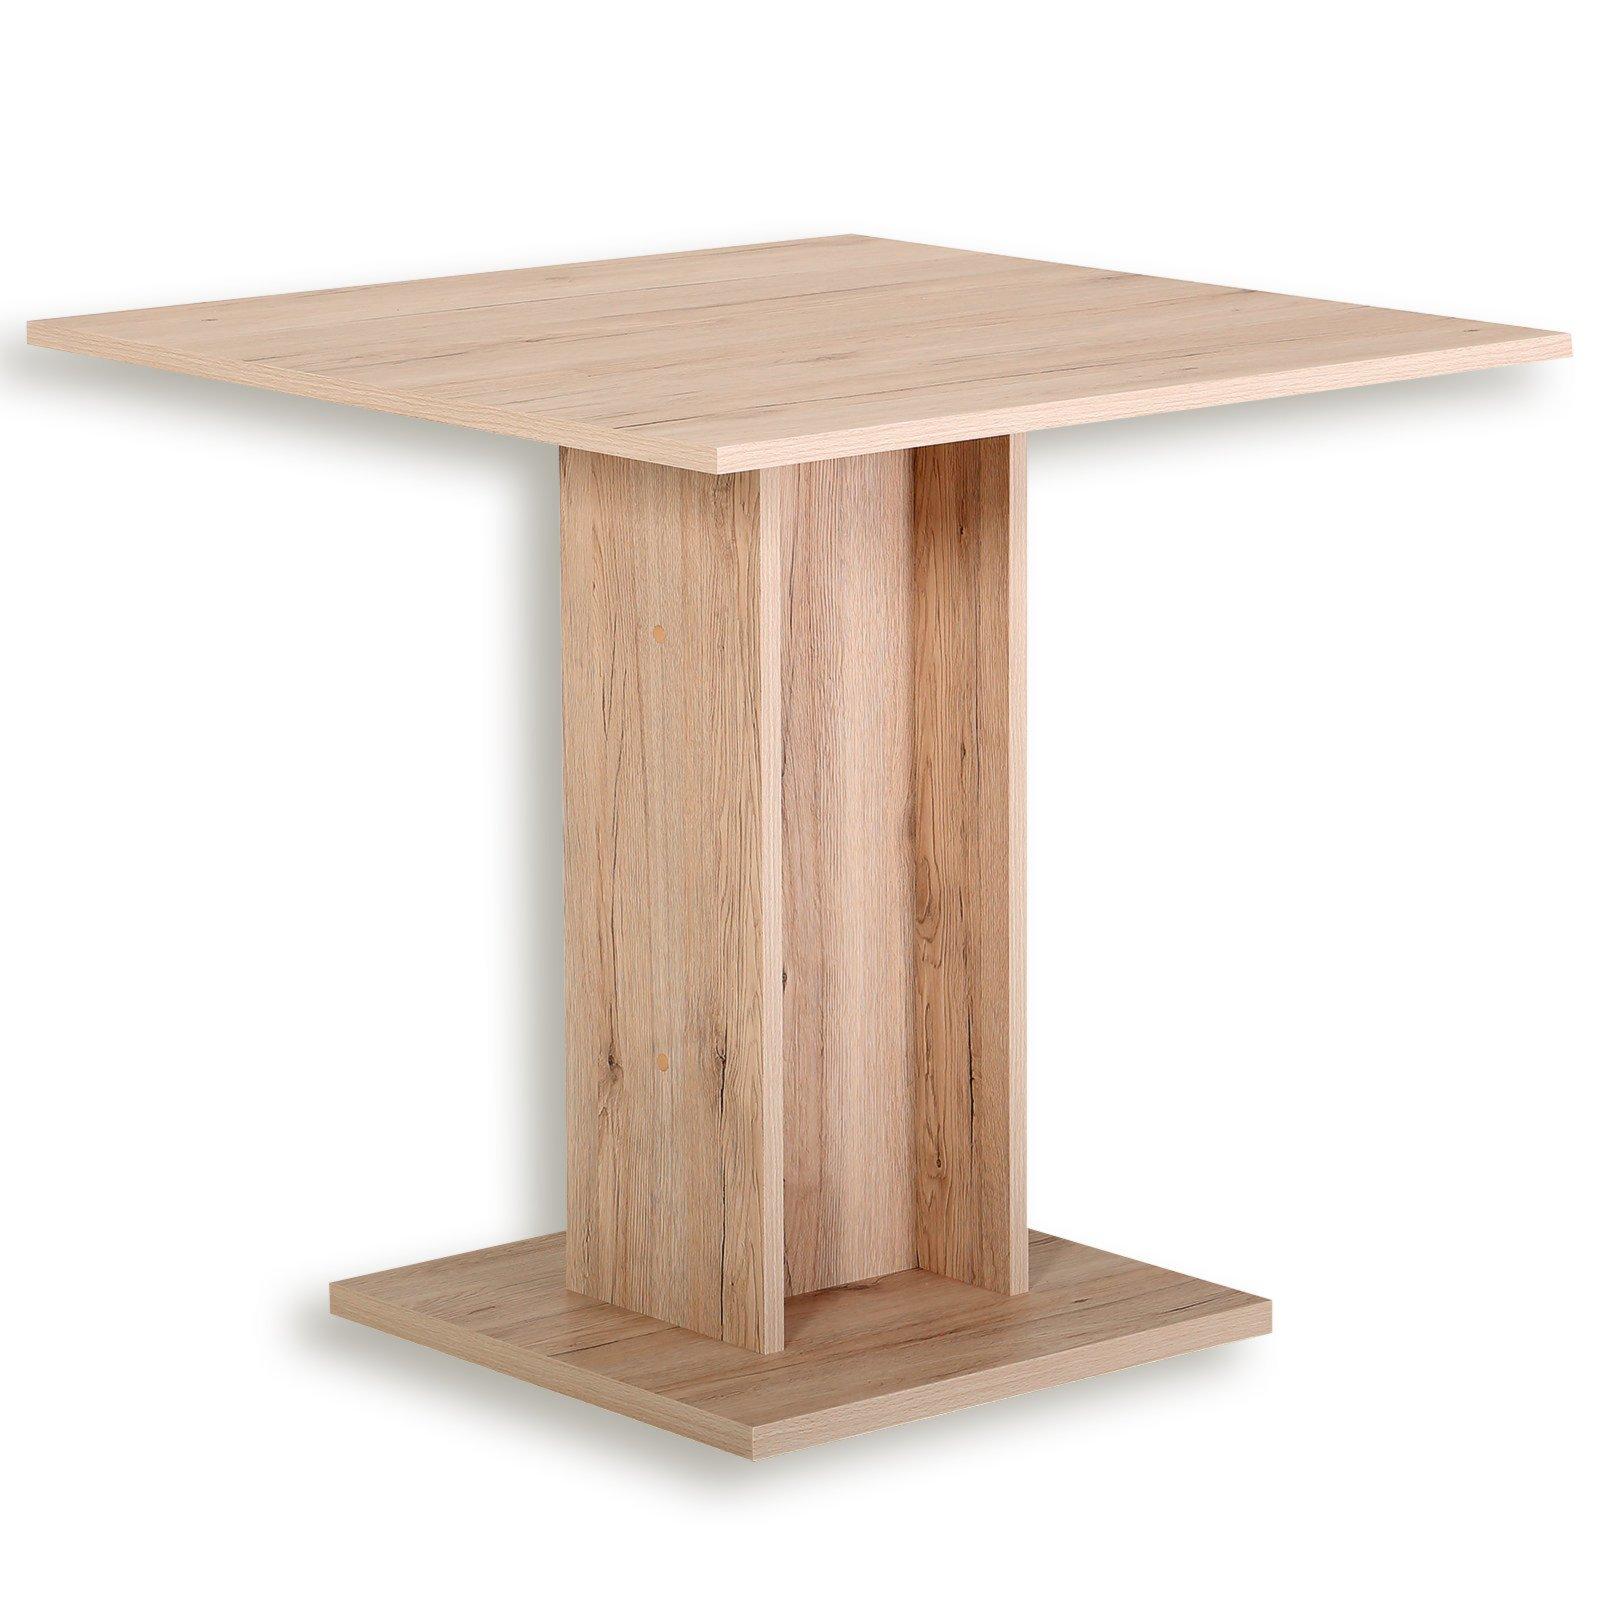 Esstisch MANDY - Sandeiche - 80x80 cm | Esstische | Sitzen & Essen ...